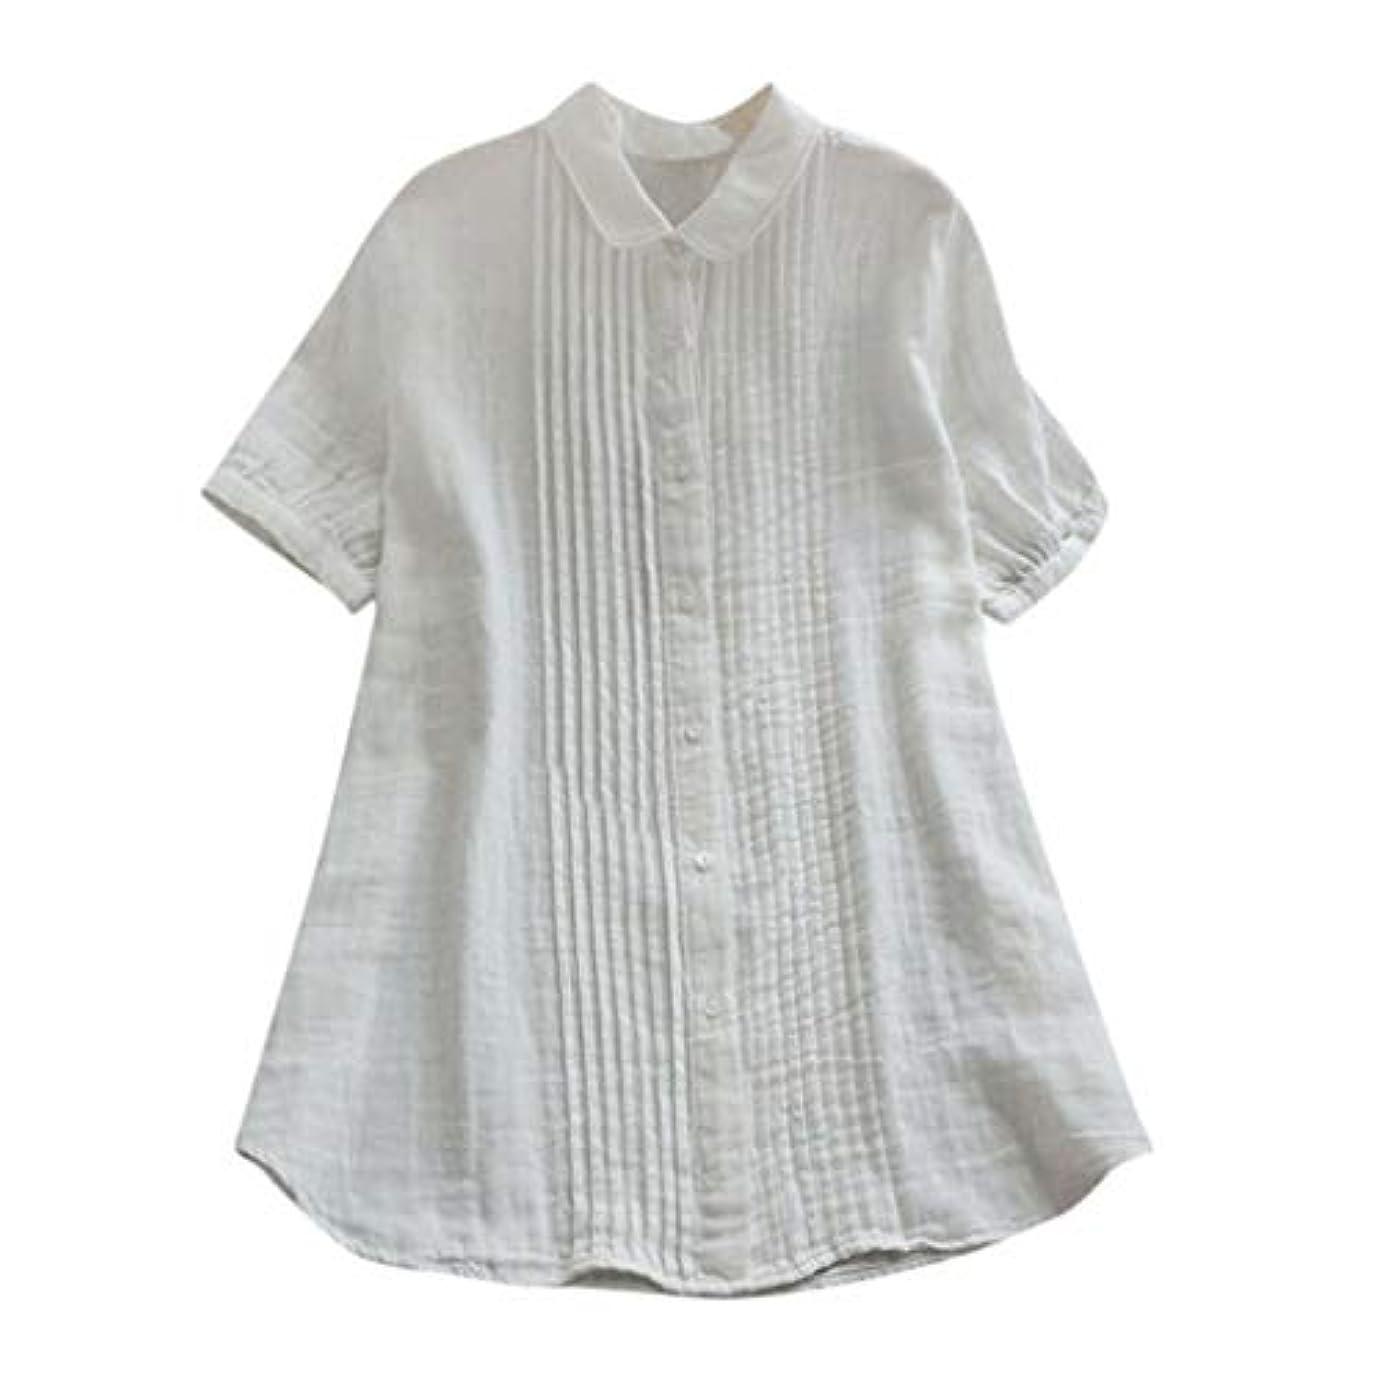 内向き悔い改めるミキサー女性の半袖Tシャツ - ピーターパンカラー夏緩い無地カジュアルダウントップスブラウス (白, S)